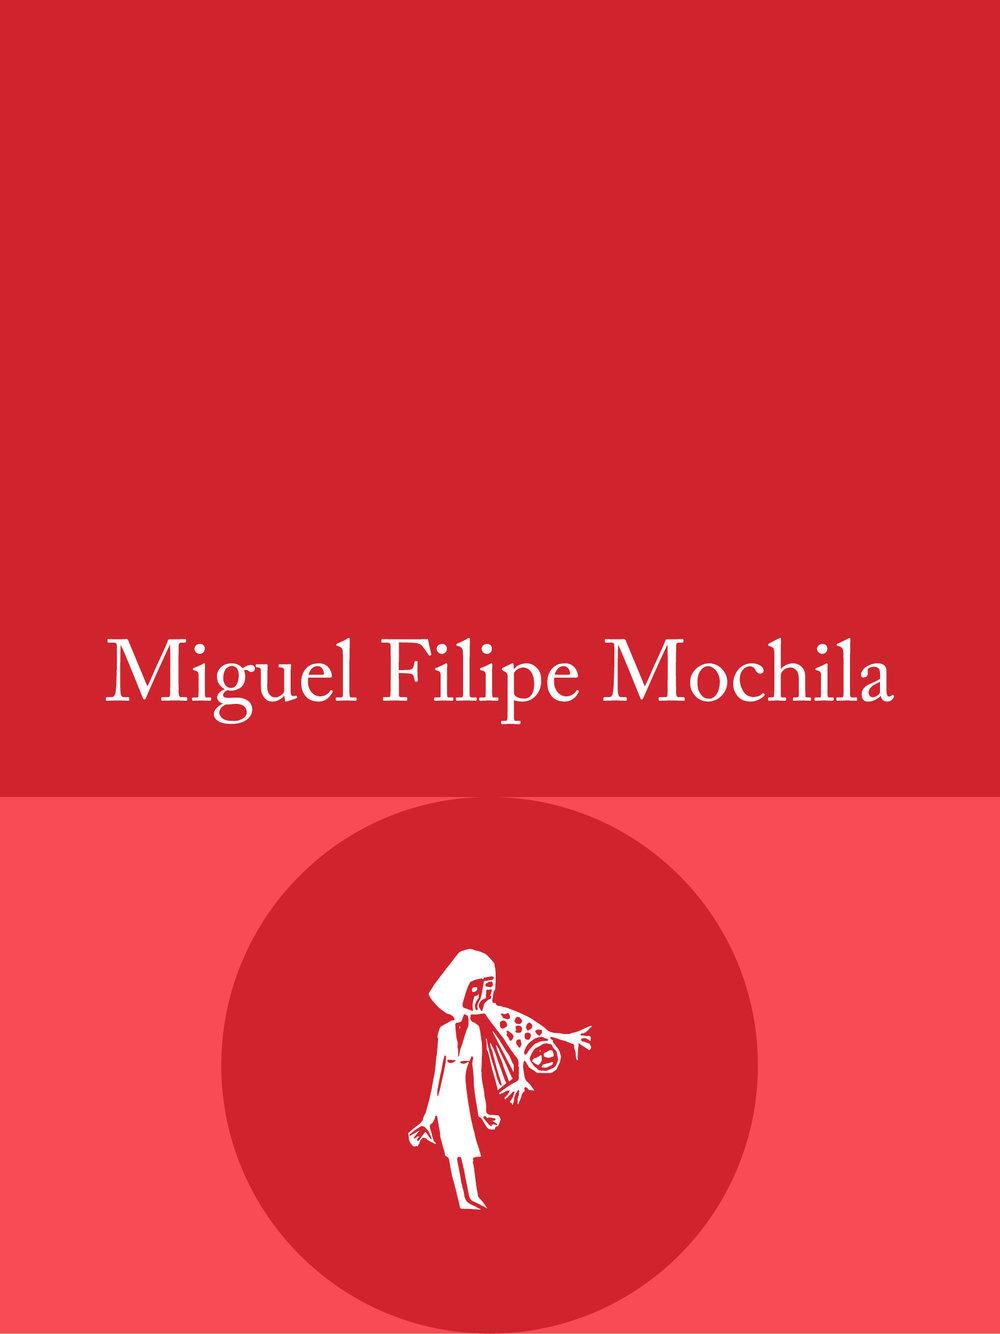 Mochila.jpg